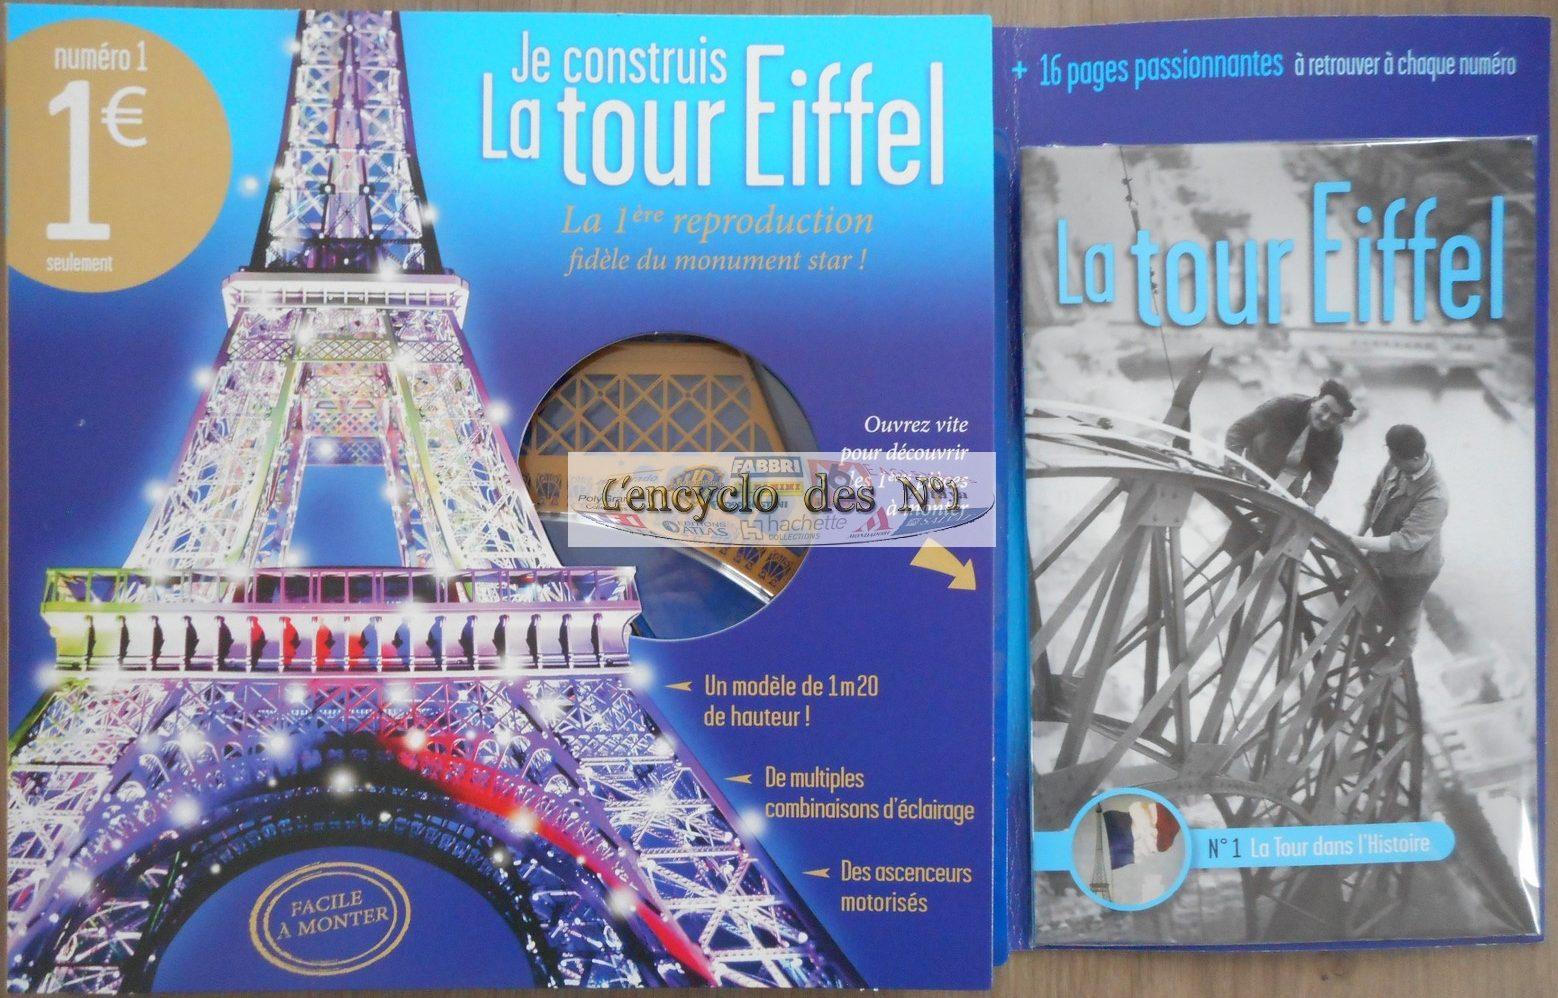 Fascicule pour construire la Tour Eiffel avec TF1 Vidéo